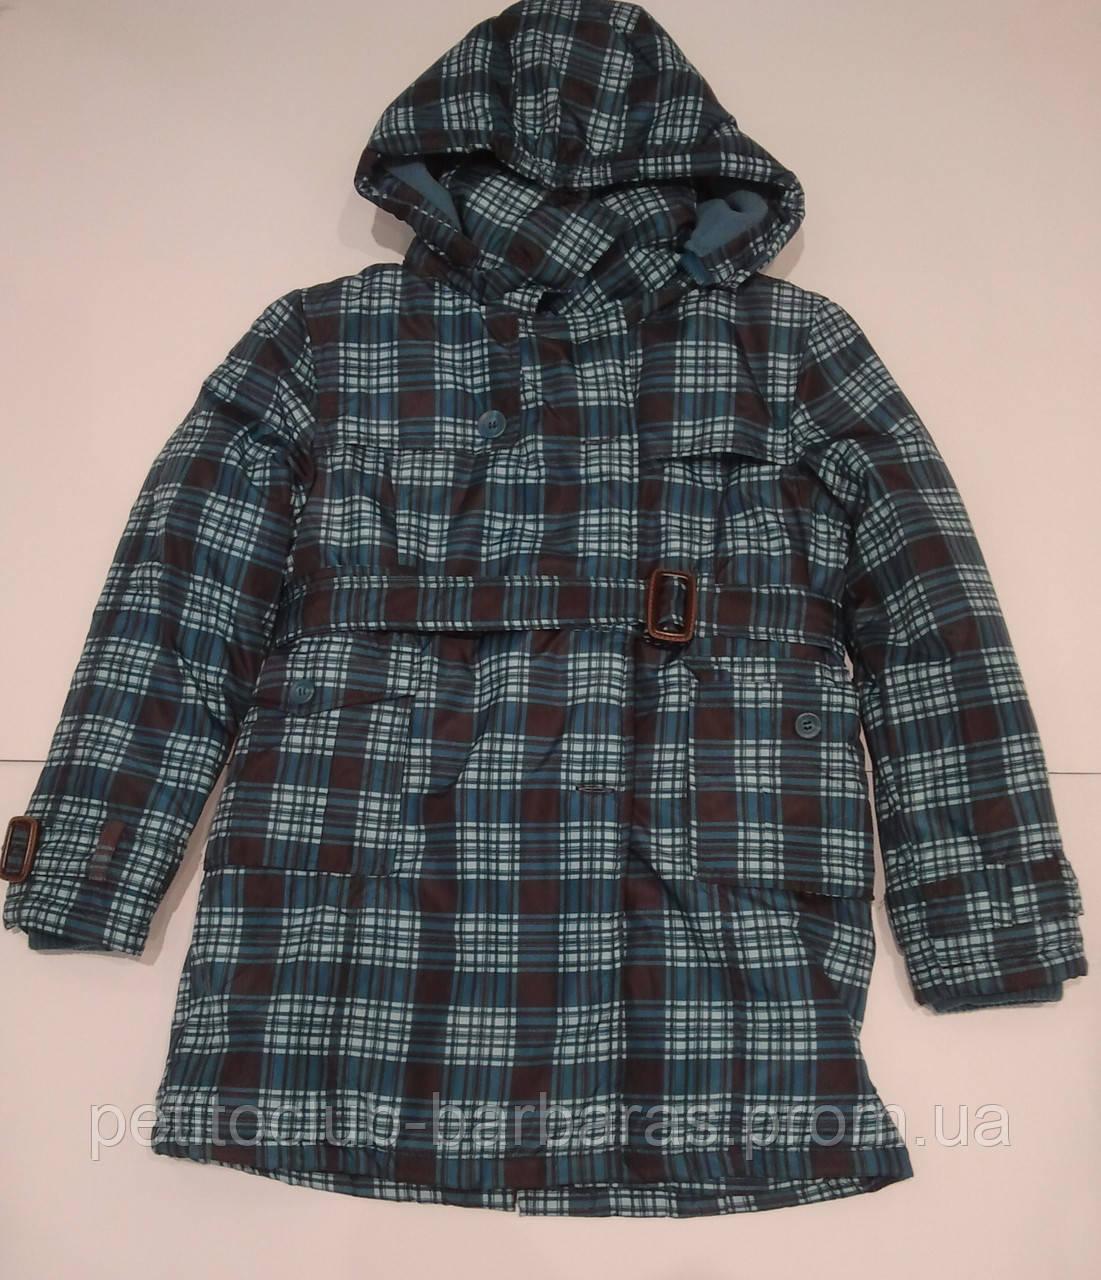 Куртка  для мальчика удлиненная в клетку (QuadriFoglio, Польша)